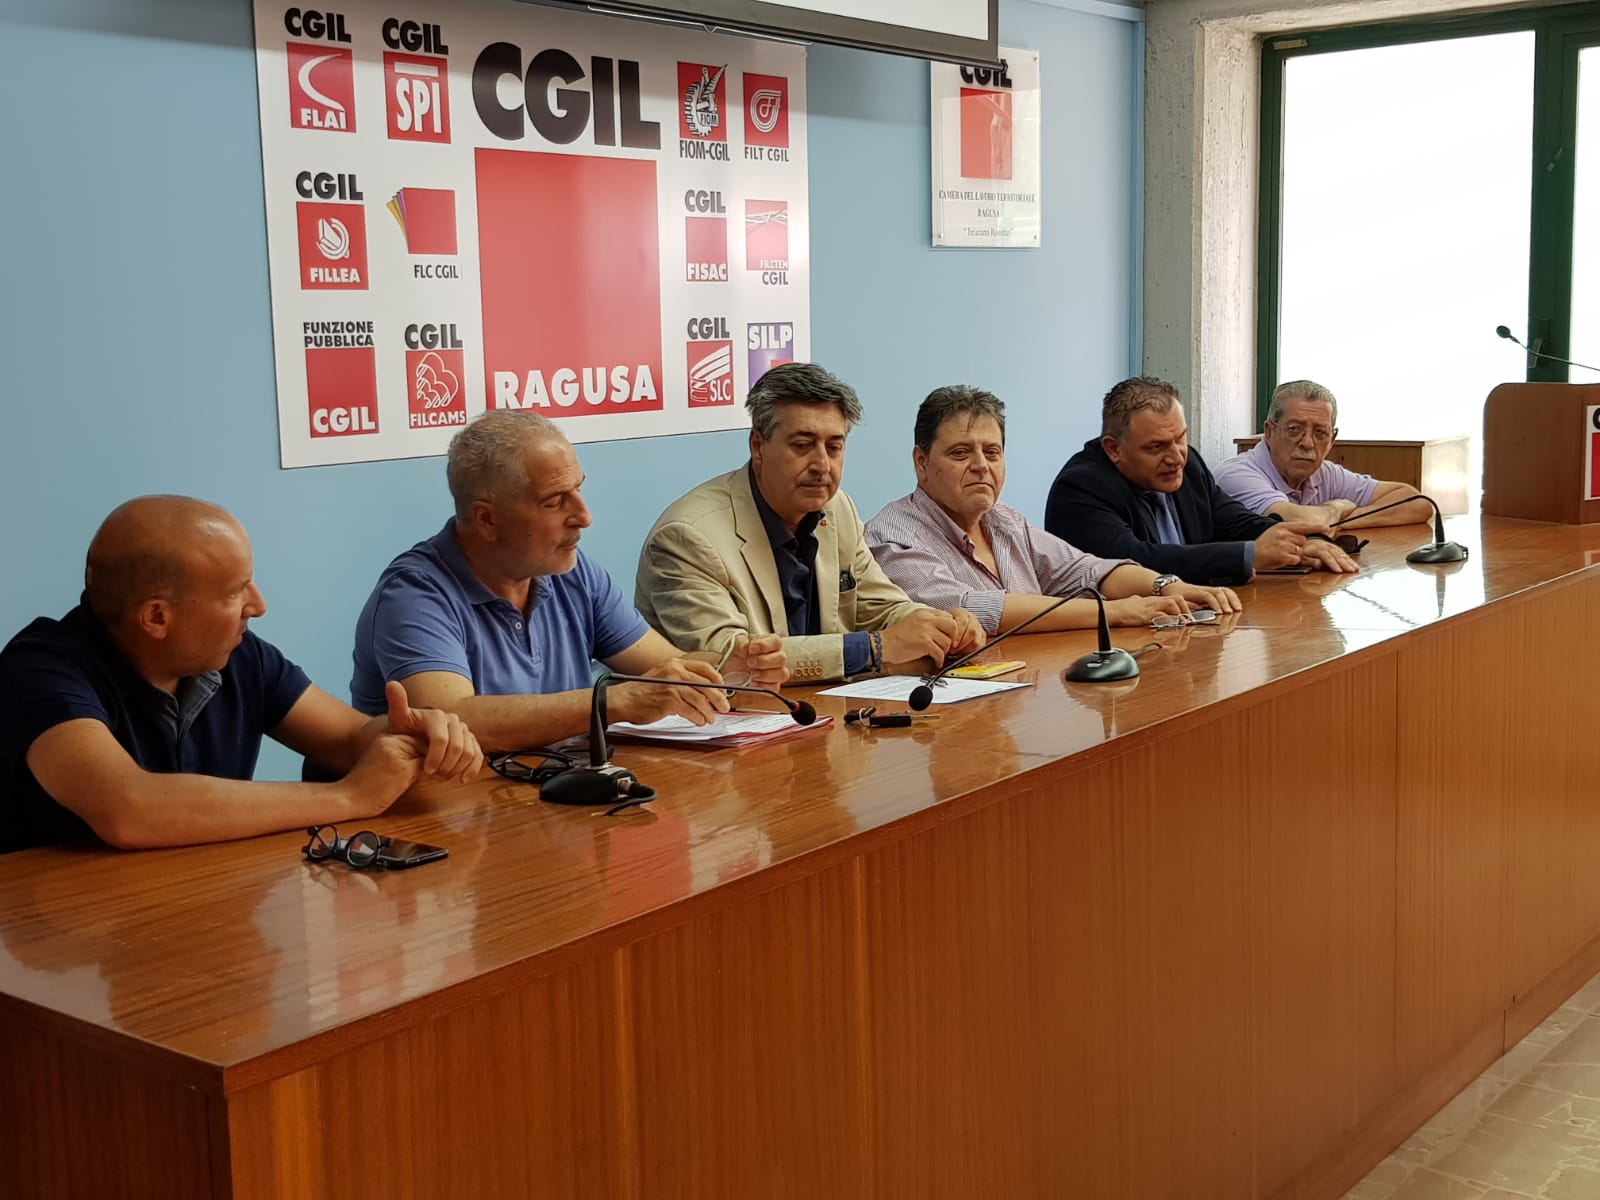 Gestione Asp di Ragusa, Organizzazioni sindacali all'attacco: il commissario Ficarra finisce sotto accusa